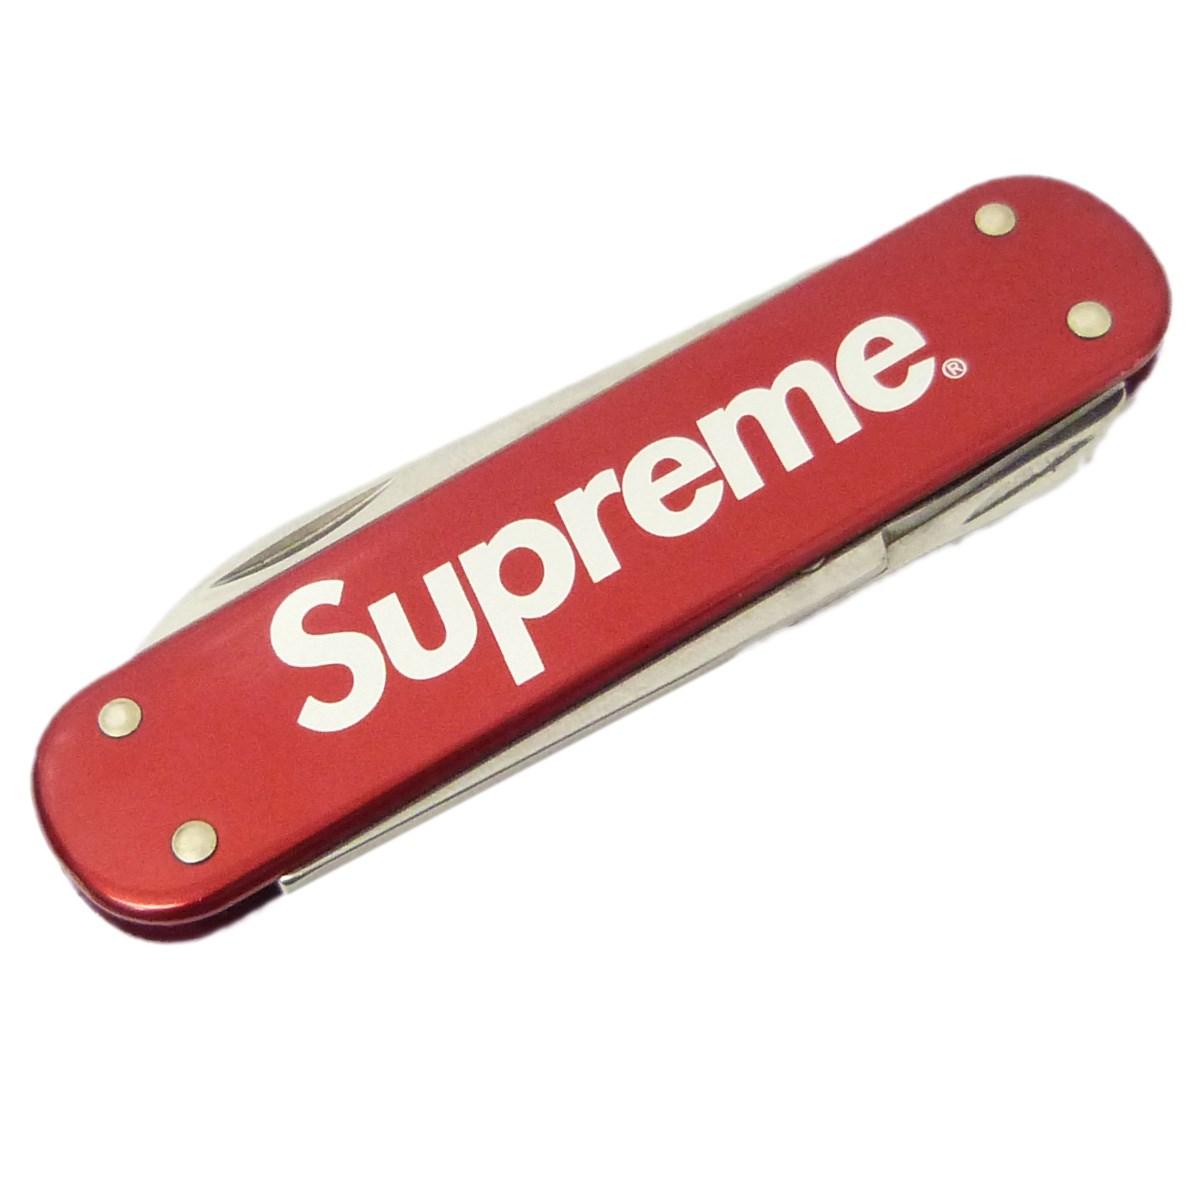 【中古】Supreme x Victorinox 15AW「Money Clip」マネークリップ レッド サイズ:- 【送料無料】 【031118】(シュプリーム ビクトリノックス)